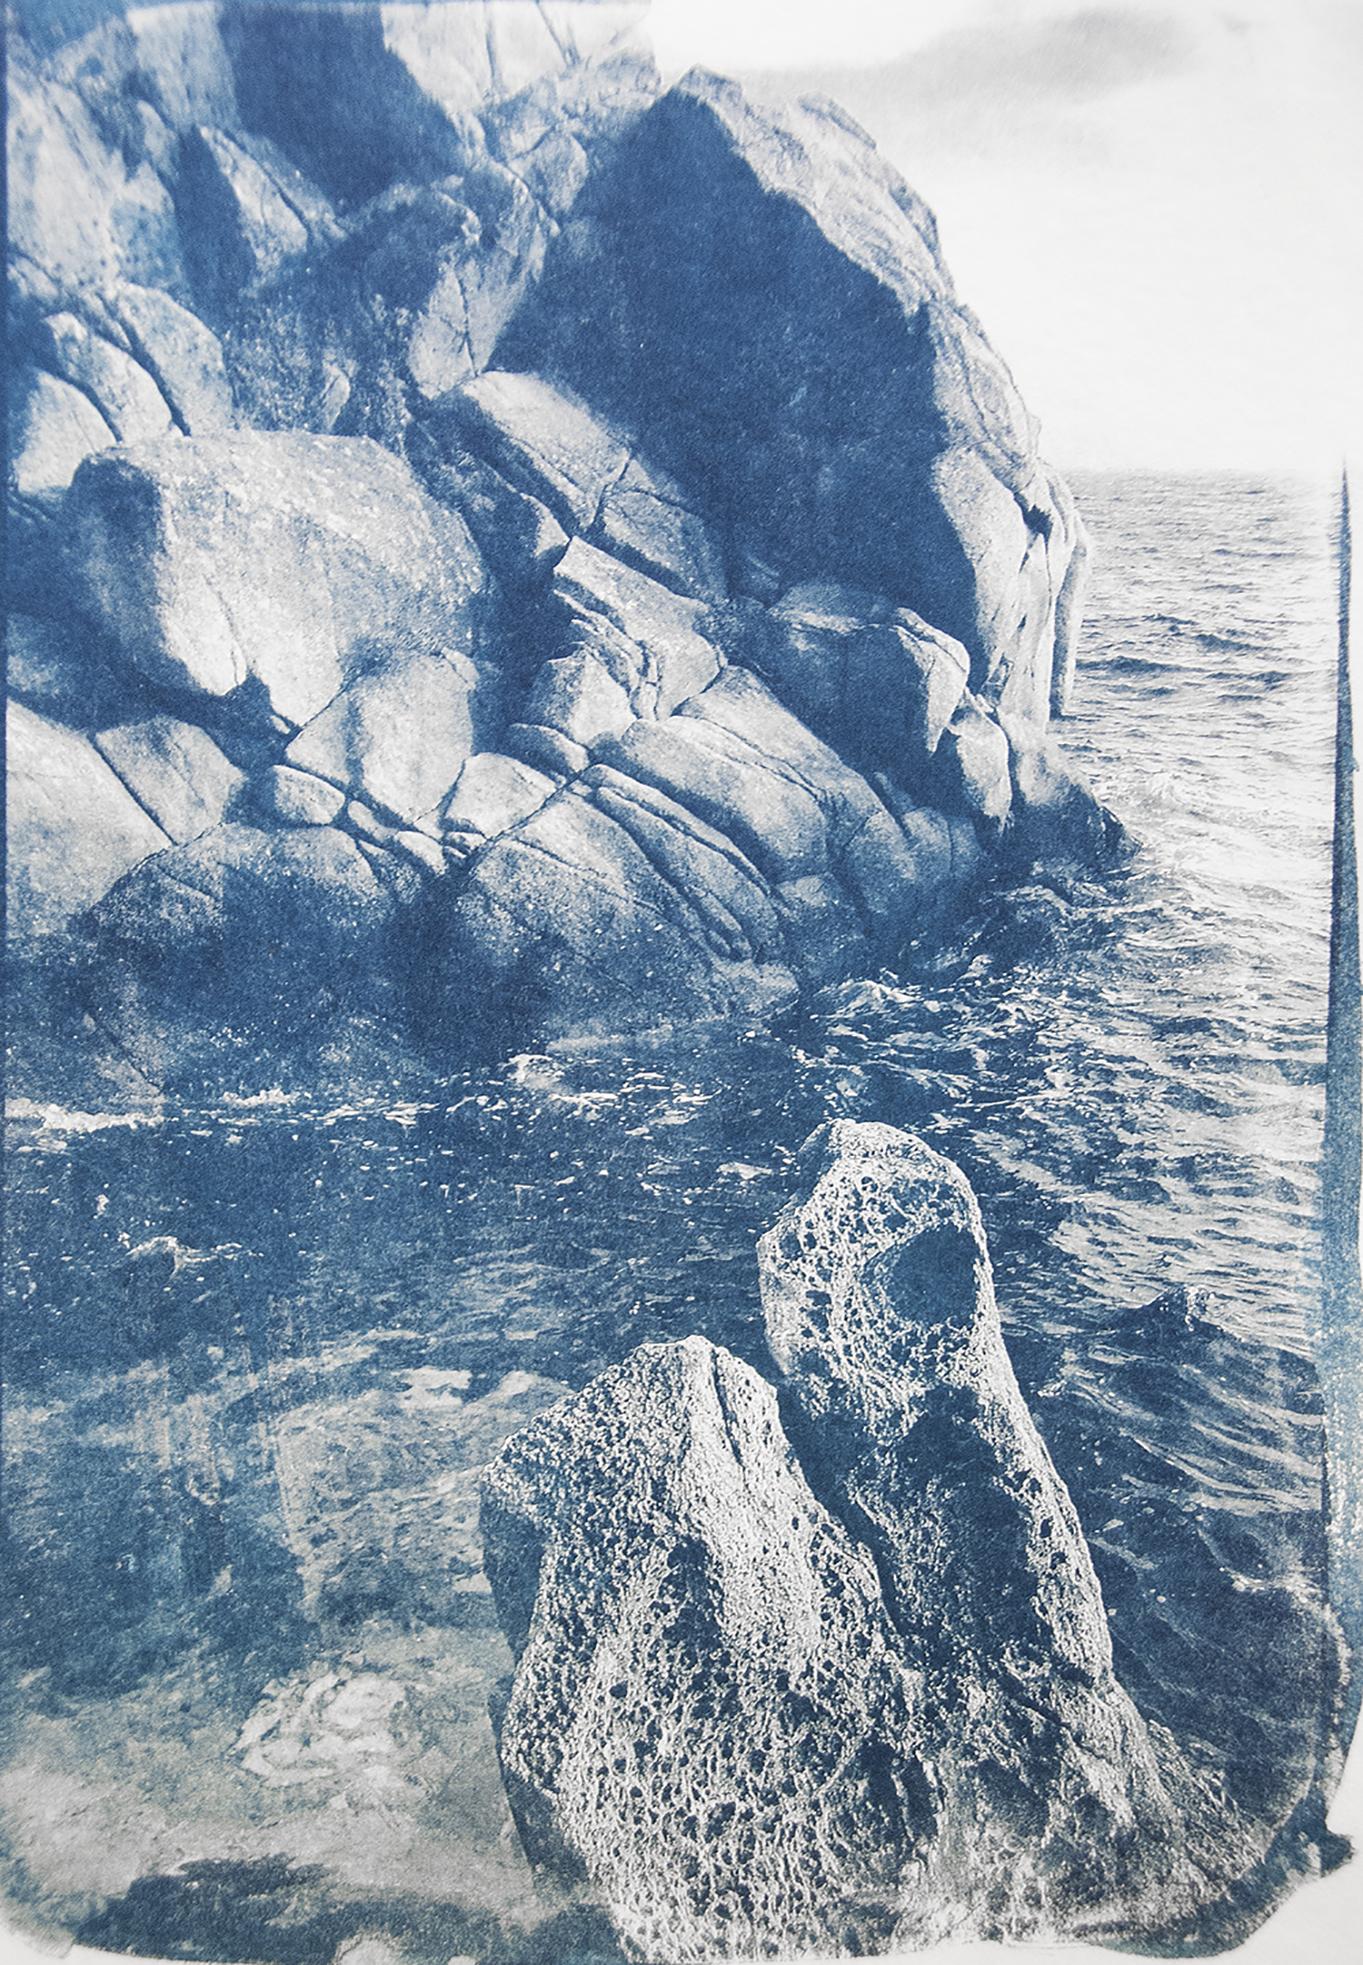 Cala de Diana, Costa Brava. Washi 20g sur papier aquarelle.